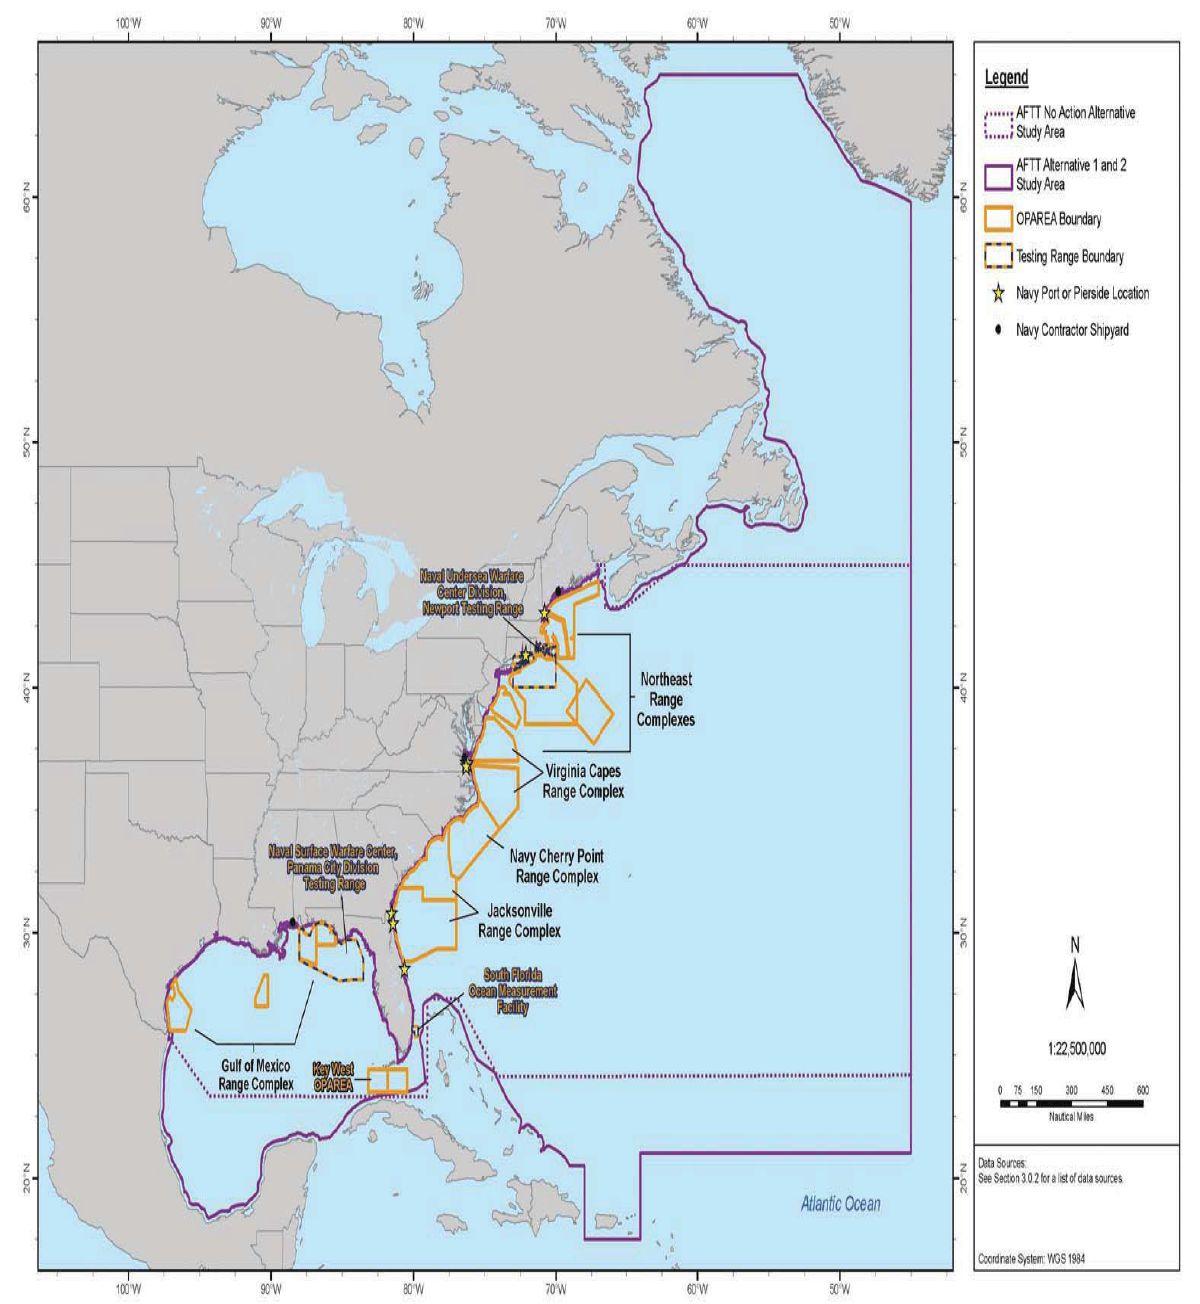 us navy fleet locations map usn fleets 28200929 1011x403 navy